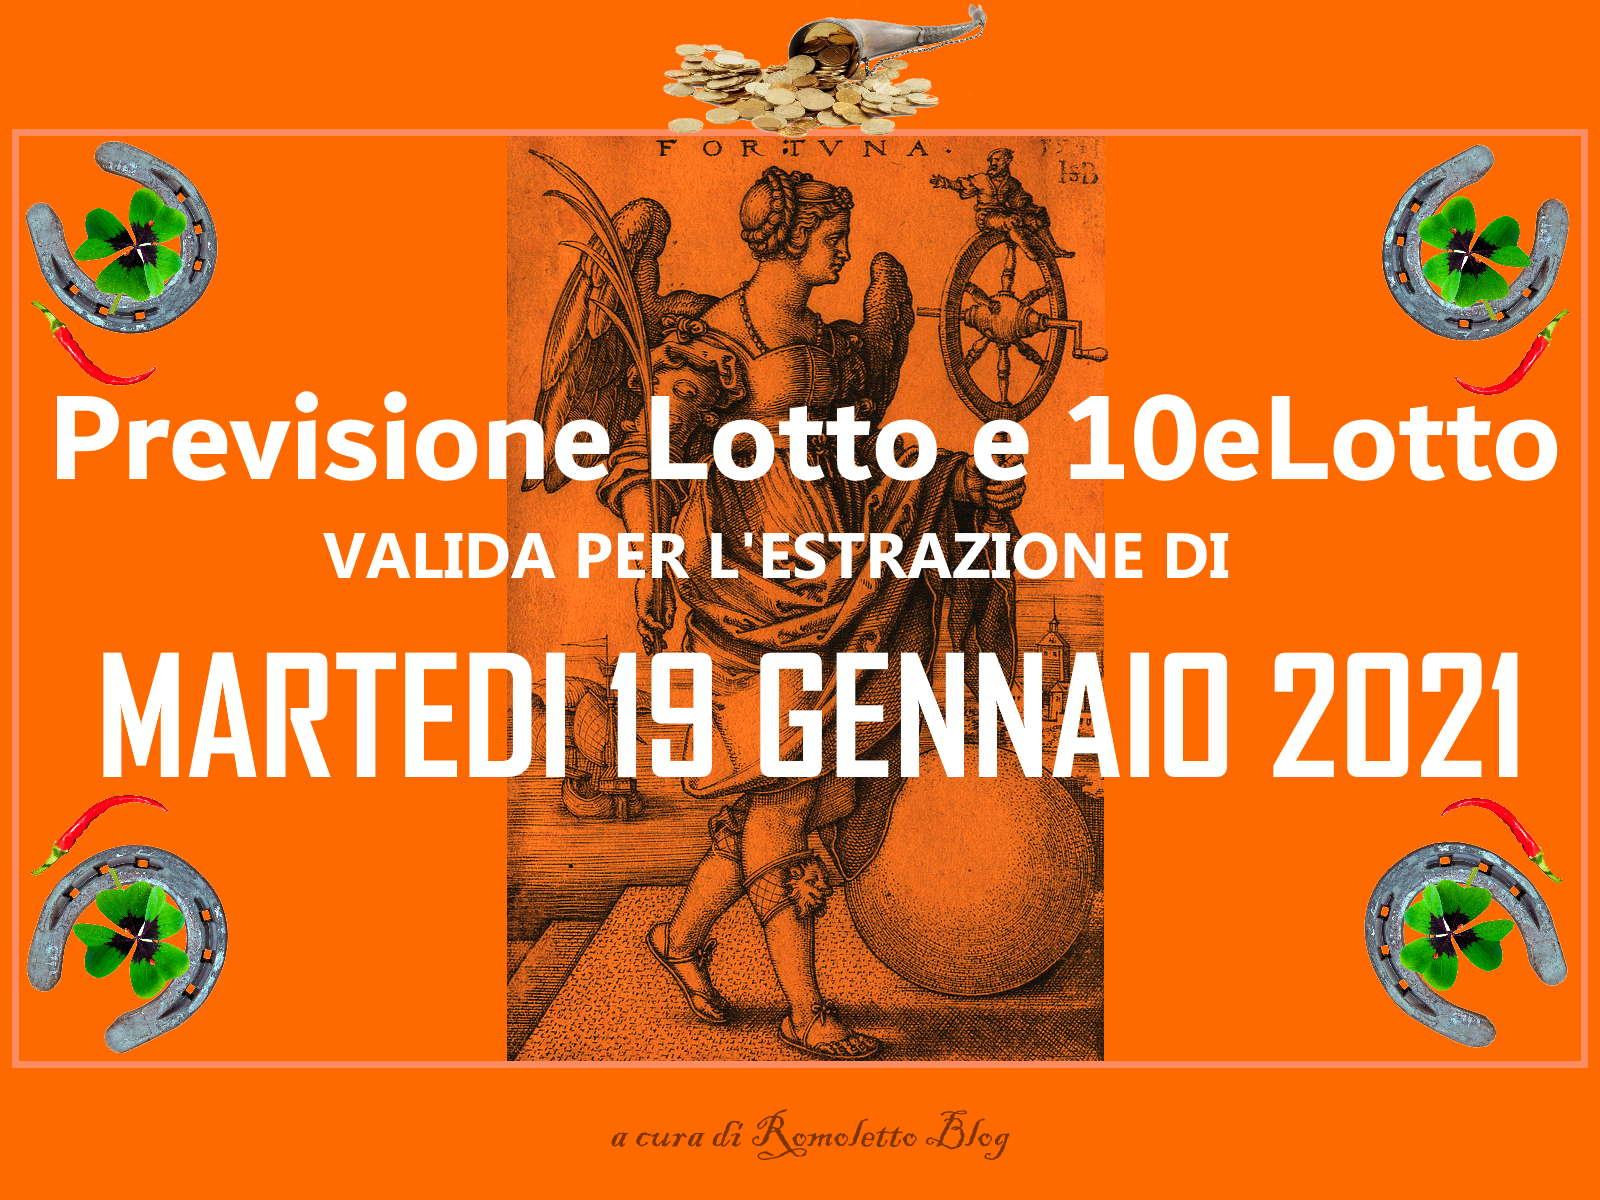 Previsione Lotto e 10eLotto del 19 Gennaio 2021